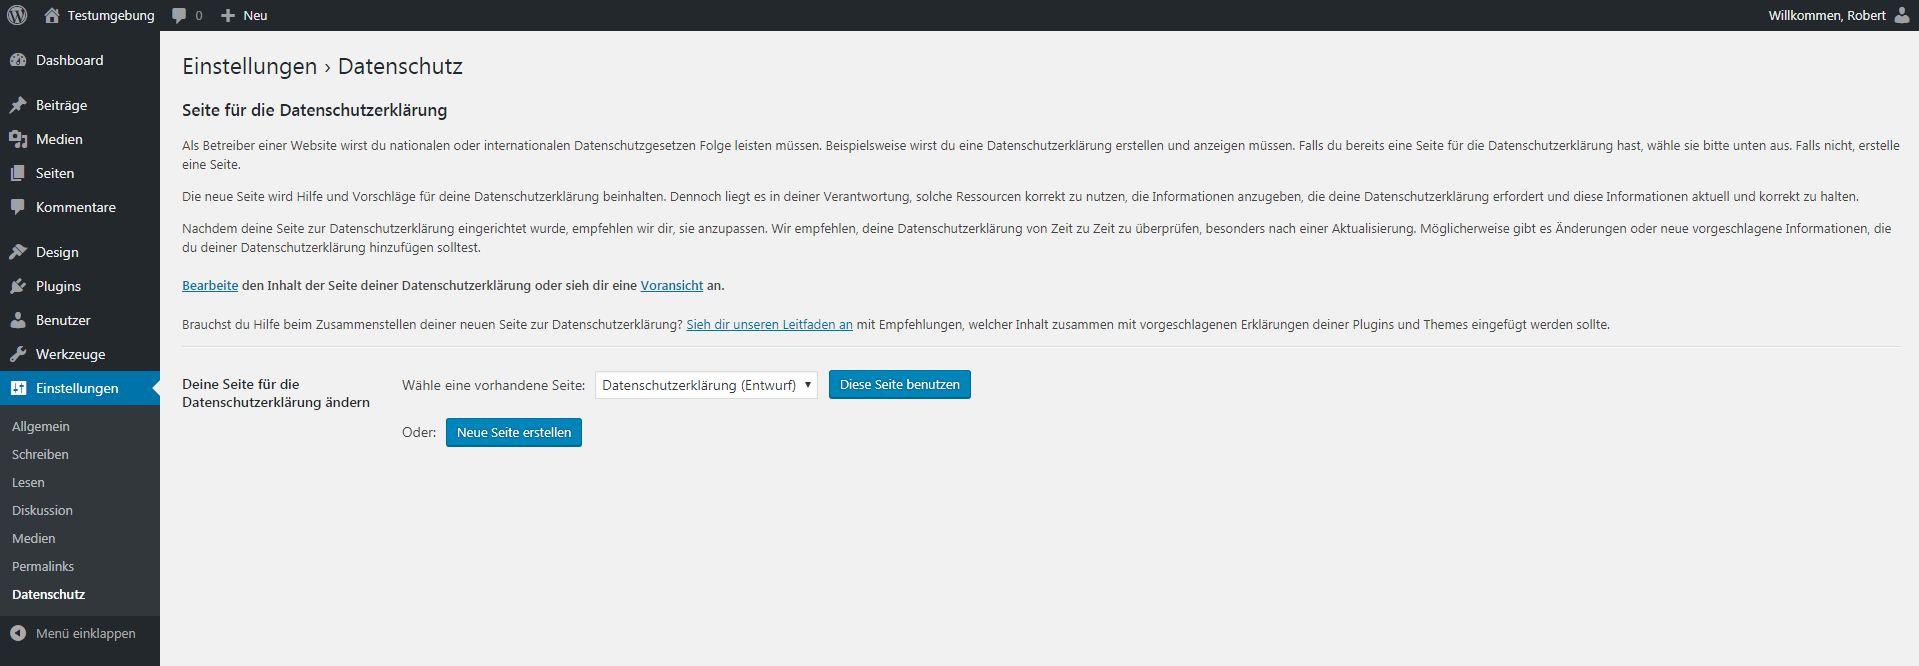 Screenshot der Datenschutz-Einstellungen